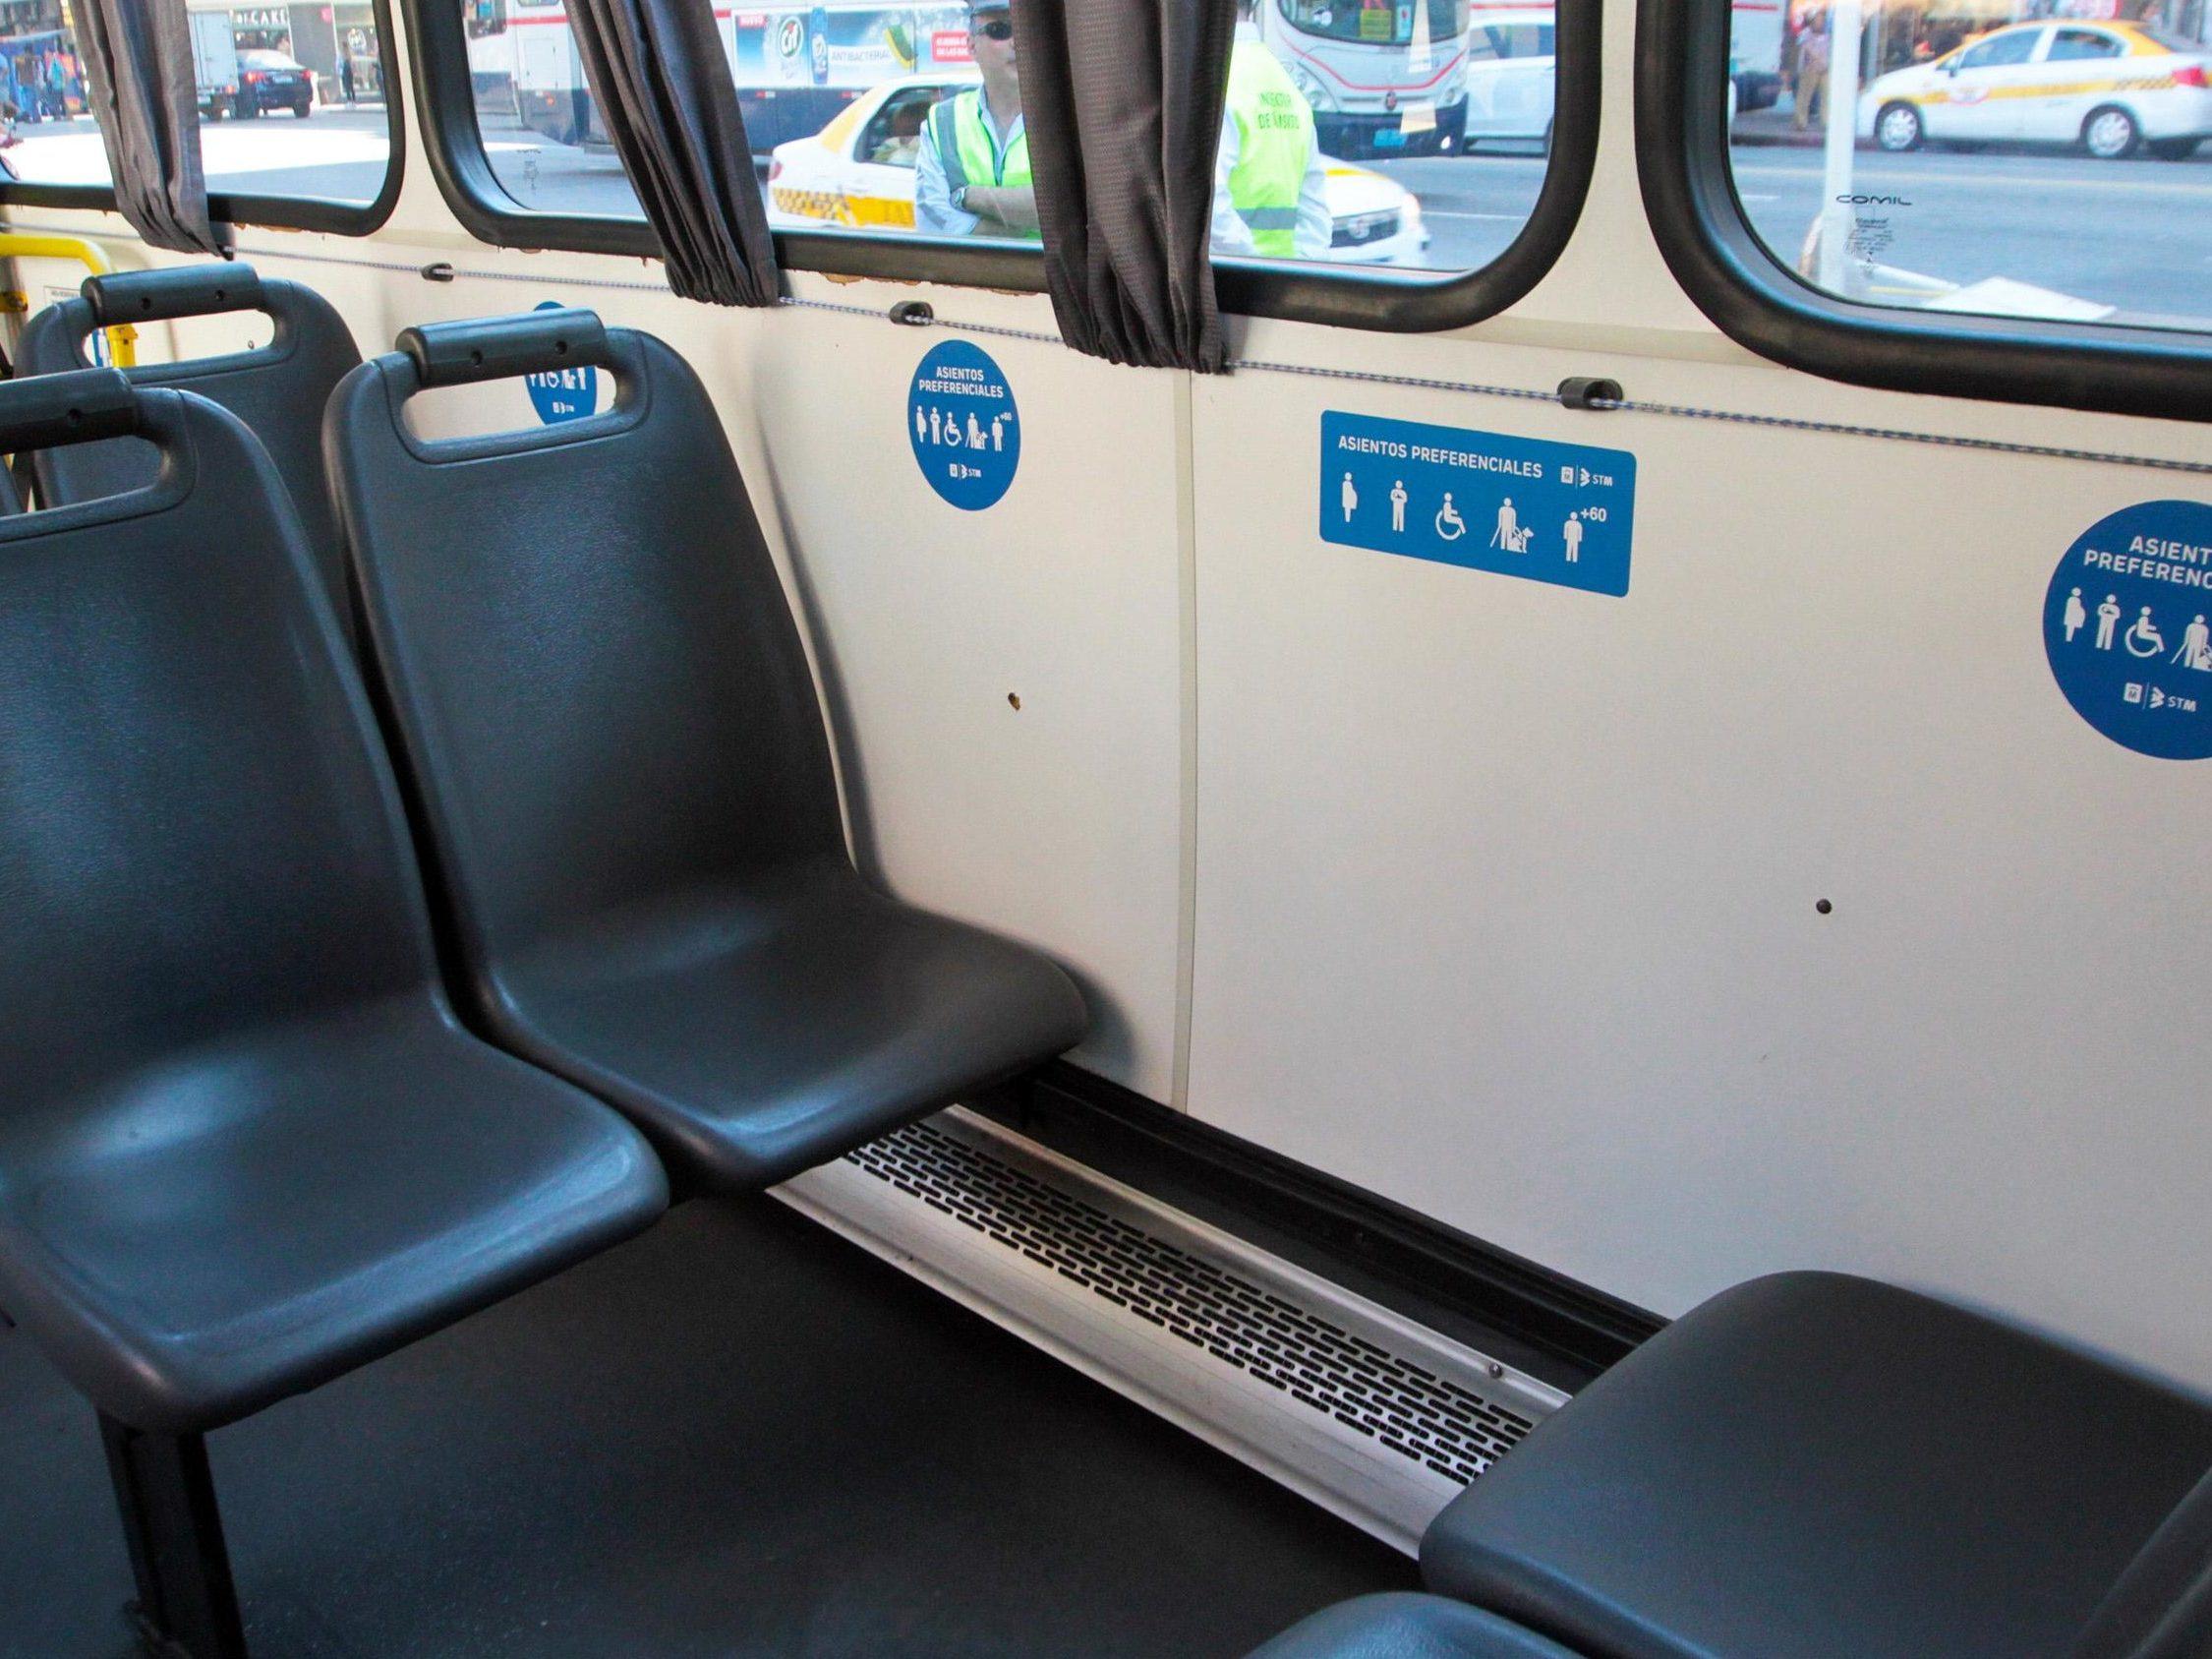 Imagen que muestra zona de asientos preferenciales para personas con discapacidad en el omnibus.